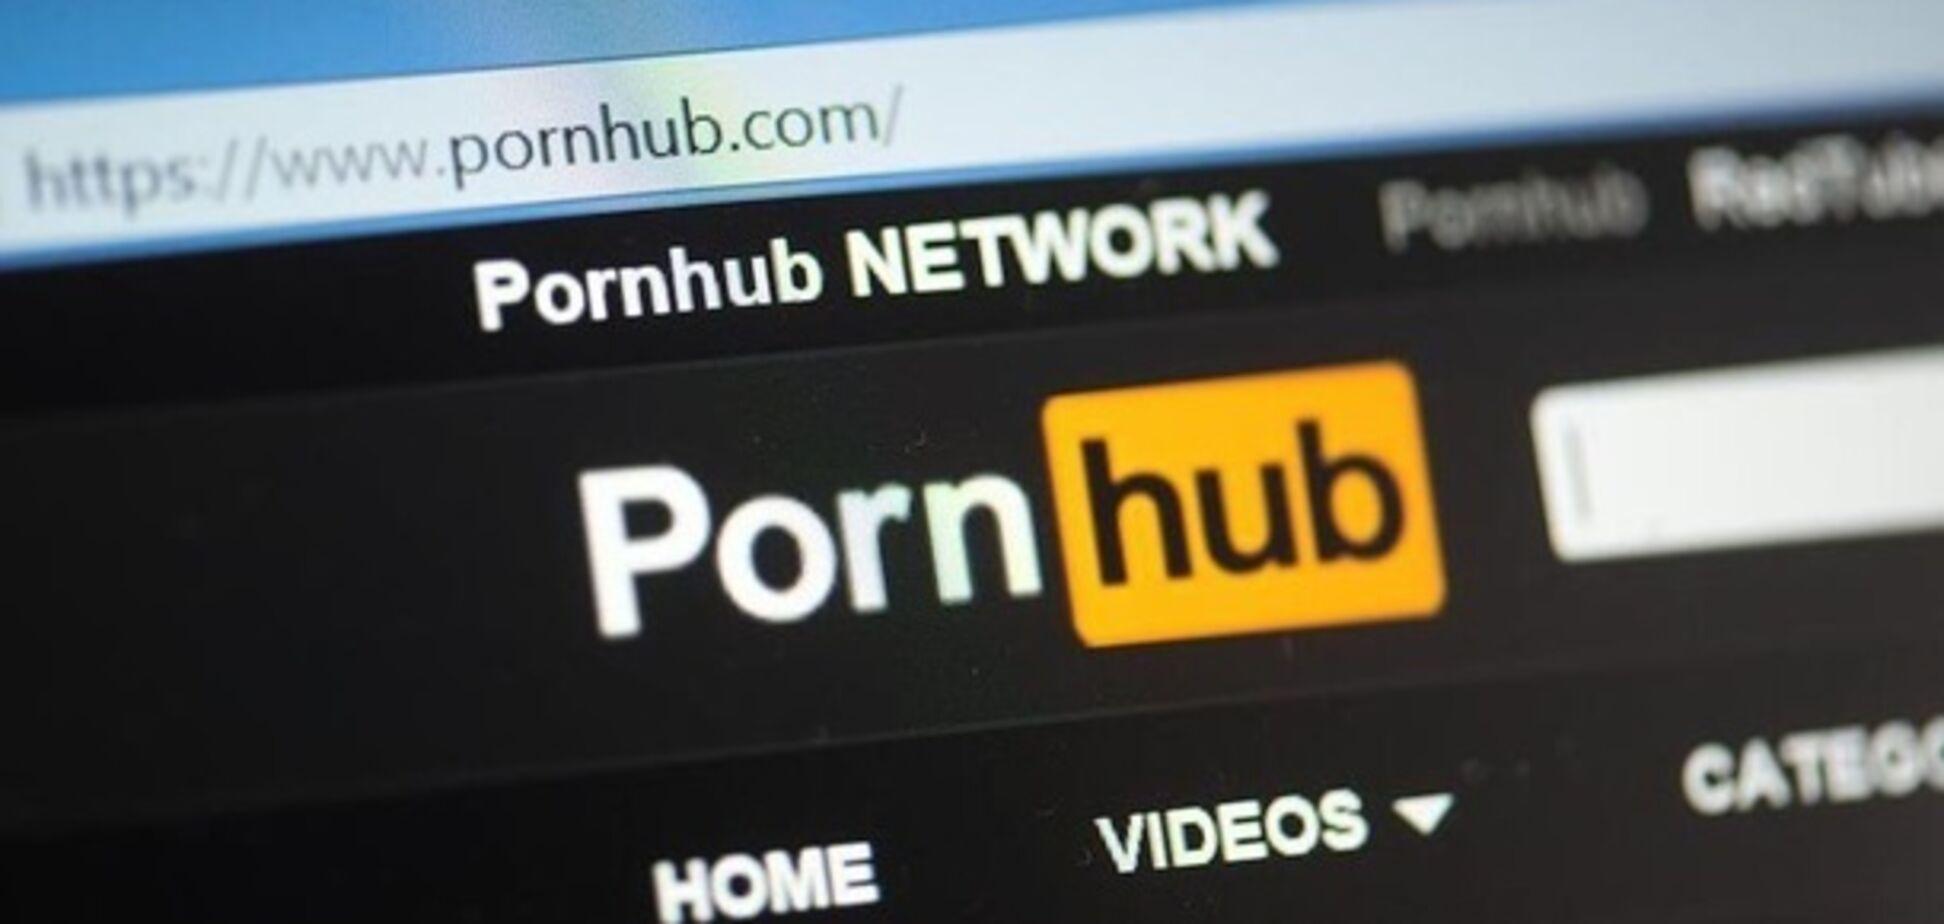 Мать нашла пропавшую дочь, посмотрев видео на Pornhub. Фото